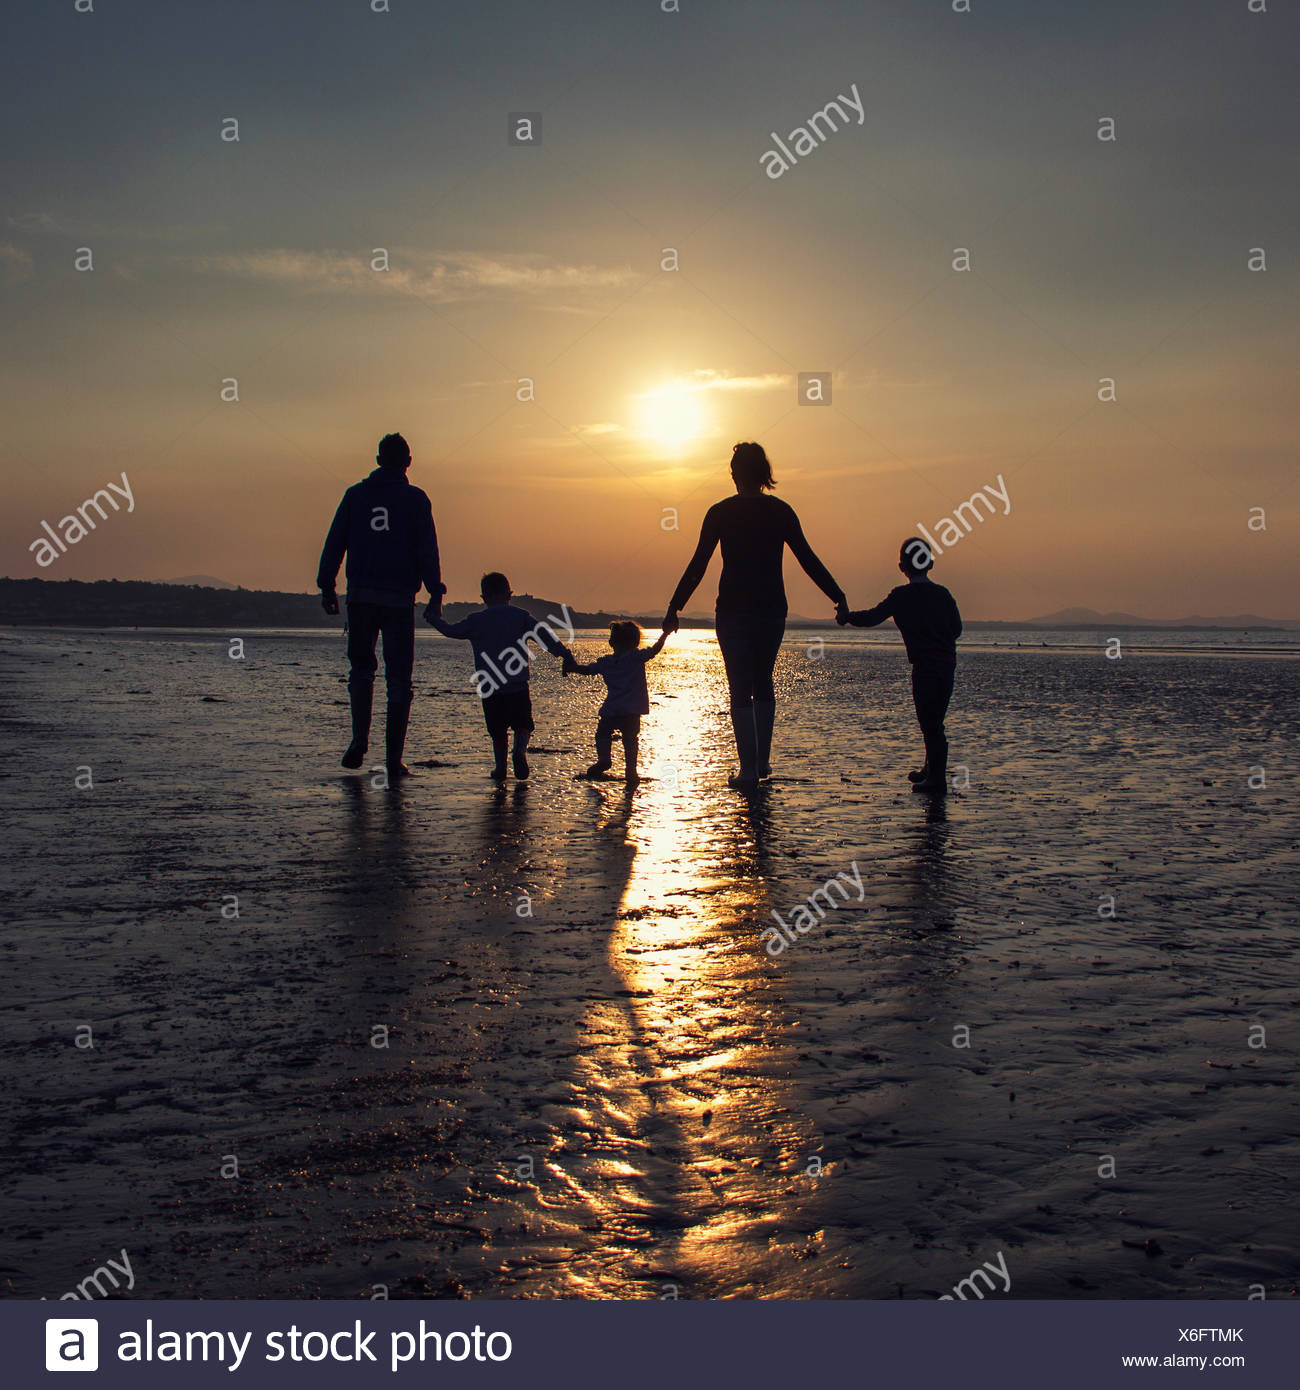 Silueta de una familia en la playa, tomados de las manos Imagen De Stock